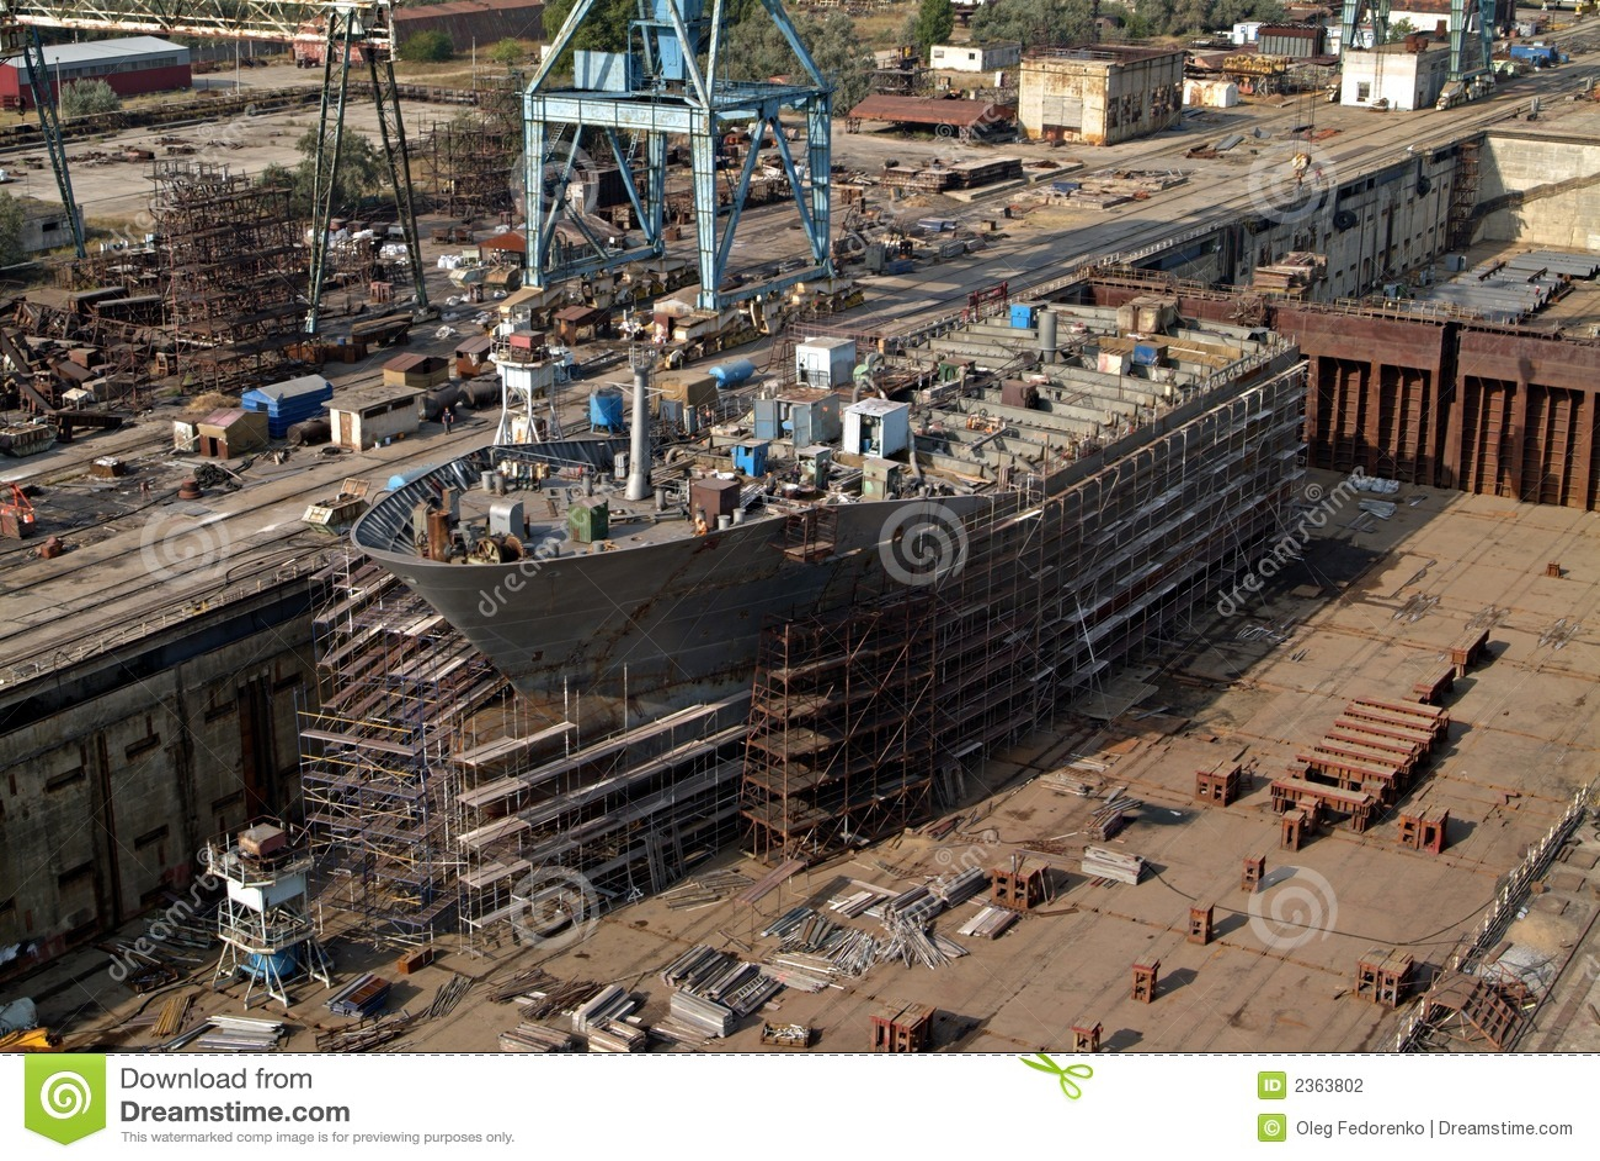 costruzione navale riparazione della nave fotografia